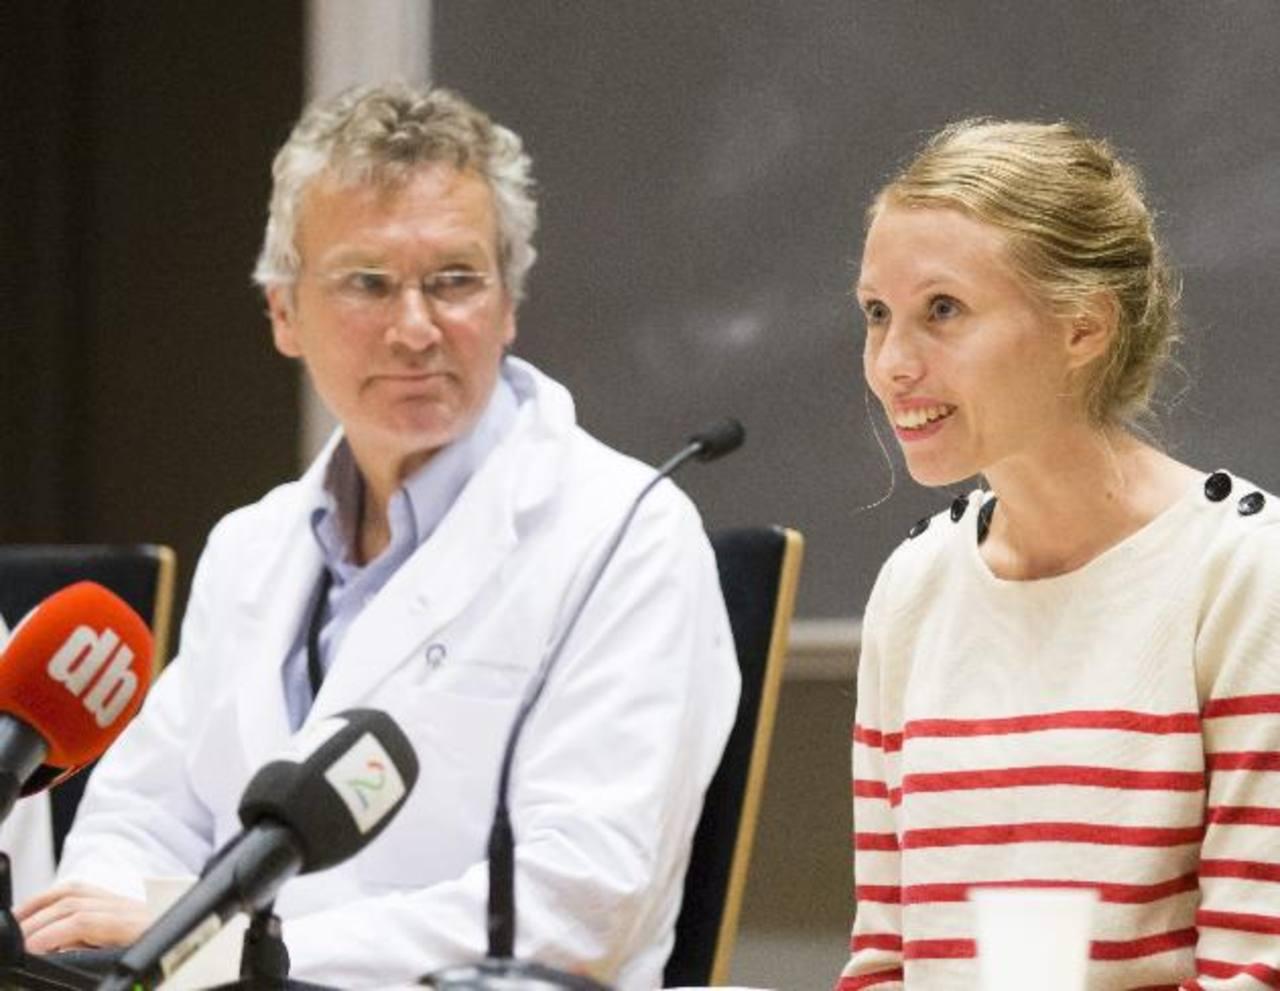 La cooperante noruega infectada de ébola en Sierra Leona hace dos semanas, Silje Lehne Michaelsen junto al médico Dag Kvale durante la rueda de prensa ofrecida este lunes en Oslo, Noruega.